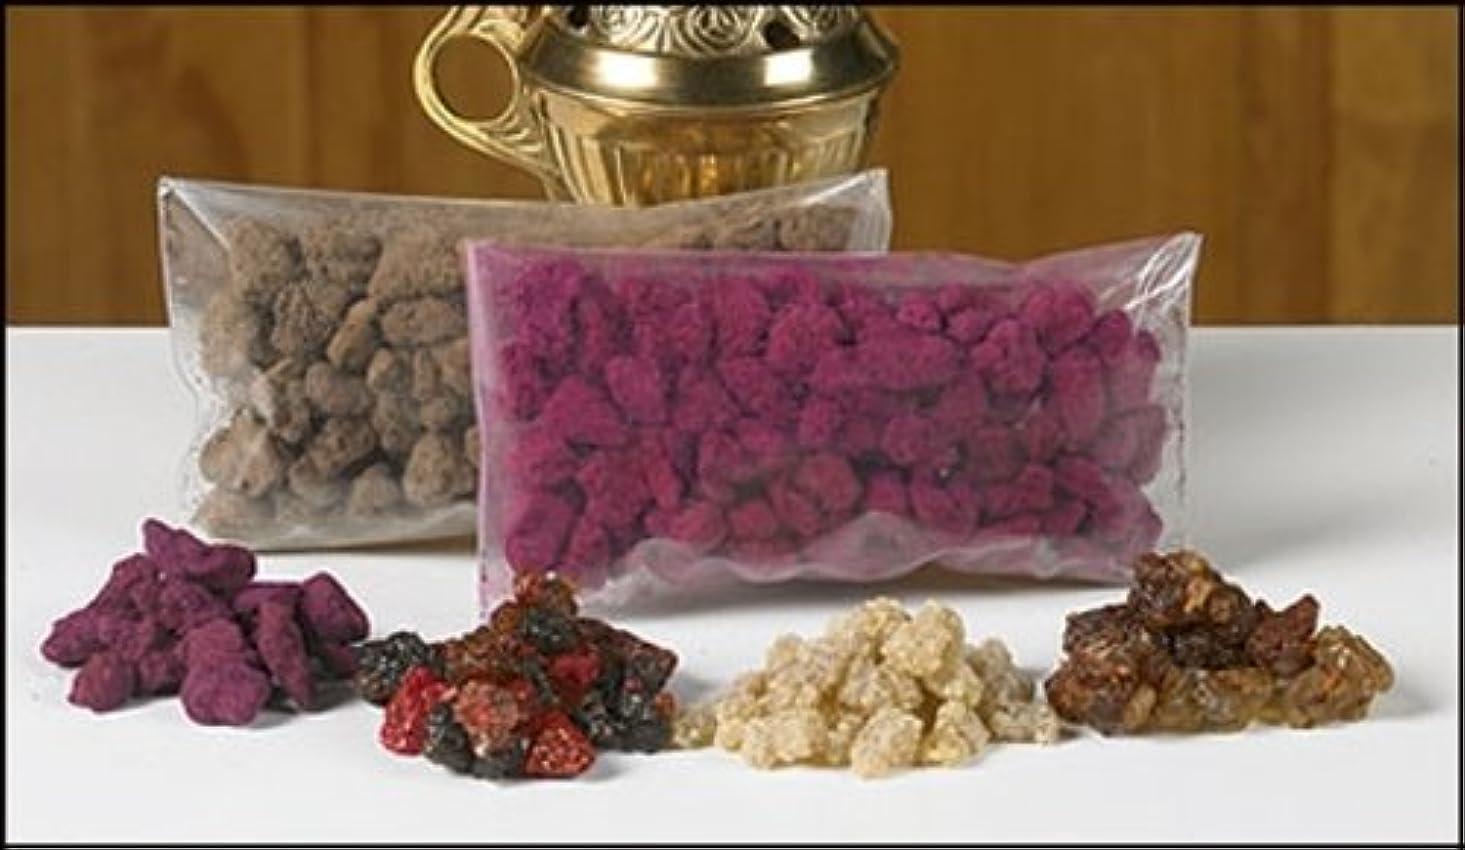 強化ねばねば転用Incenseサンプラーパック – ボックスof 8 Assorted Scents in個々1オンスバッグ